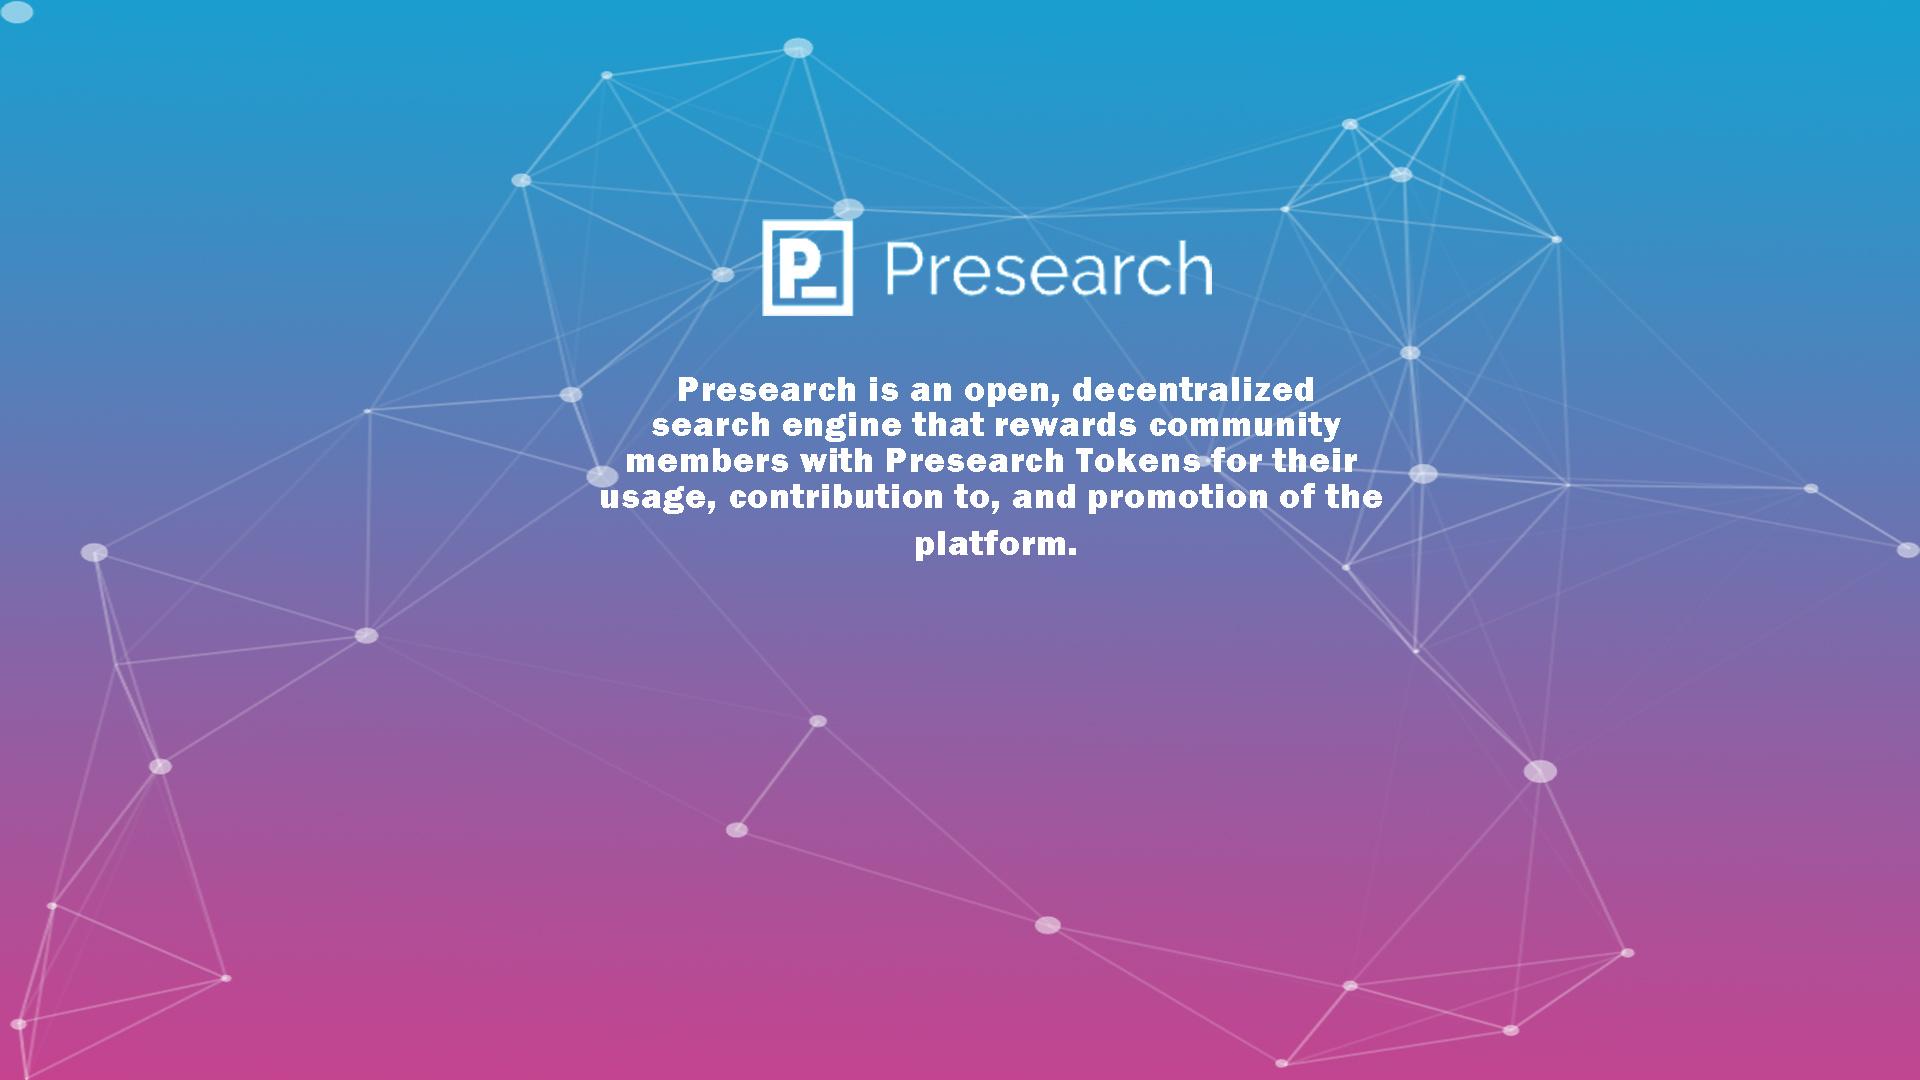 prsearch ICO